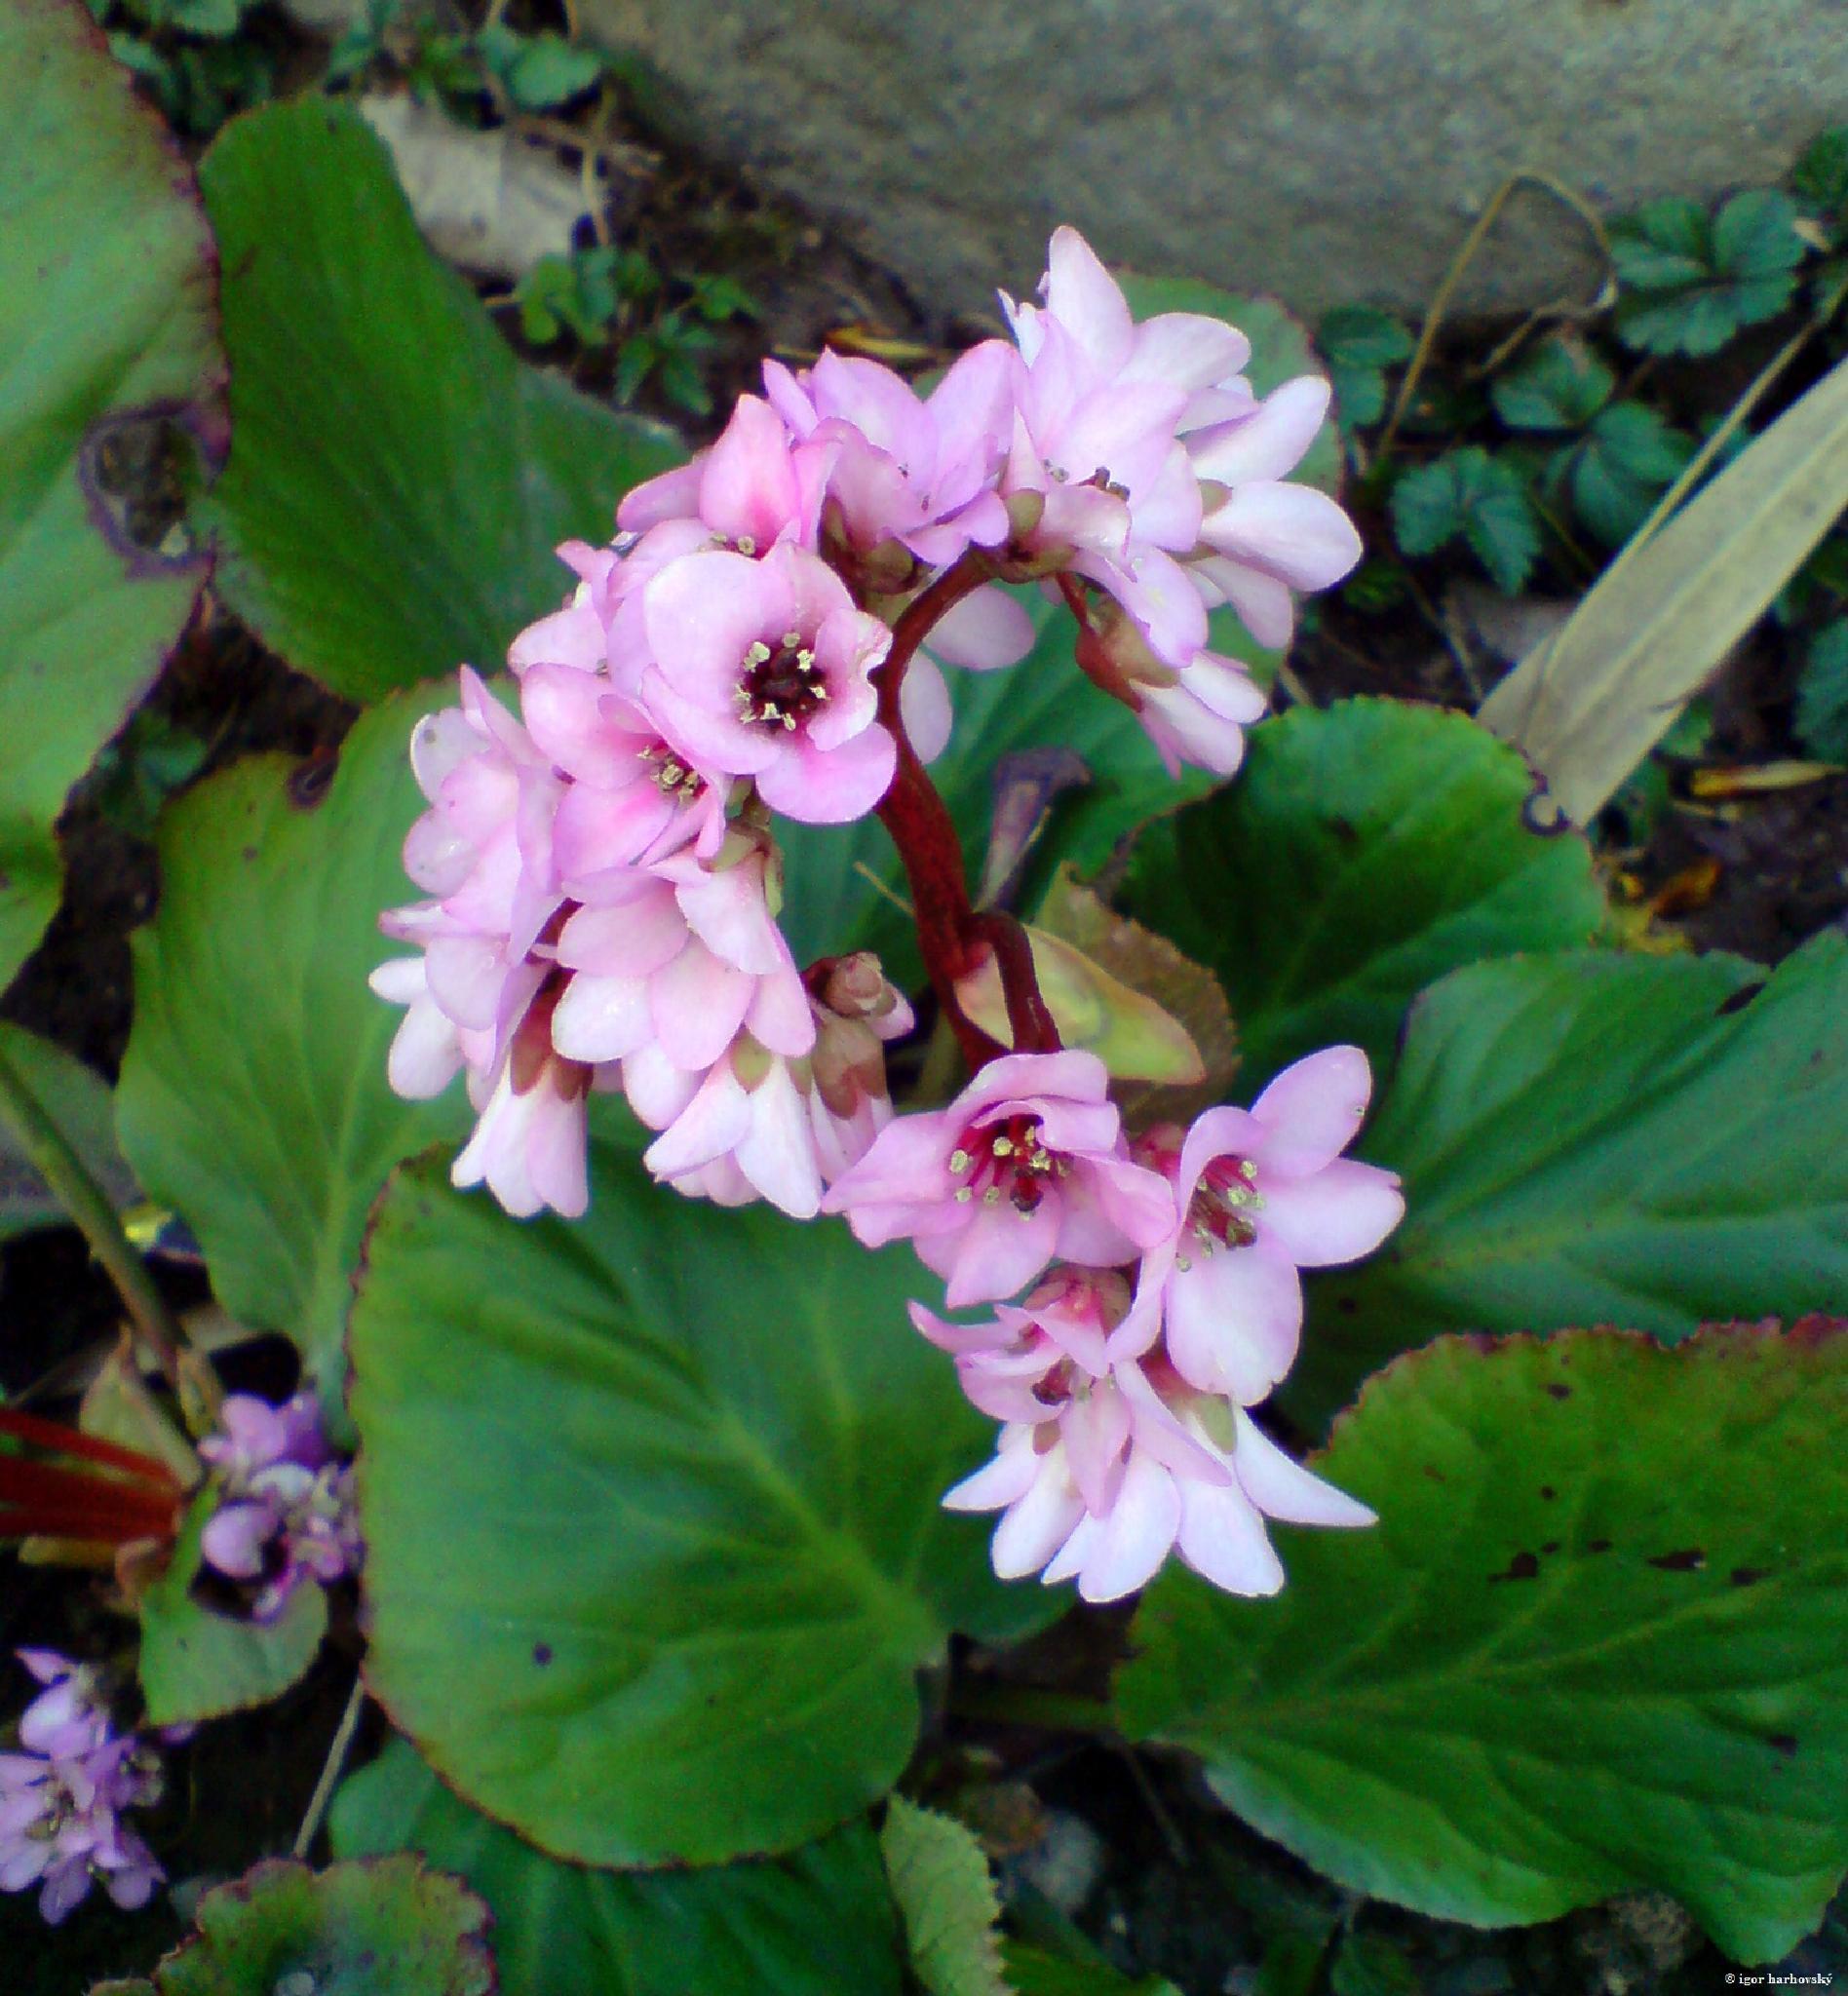 flower by igor.harhovsky